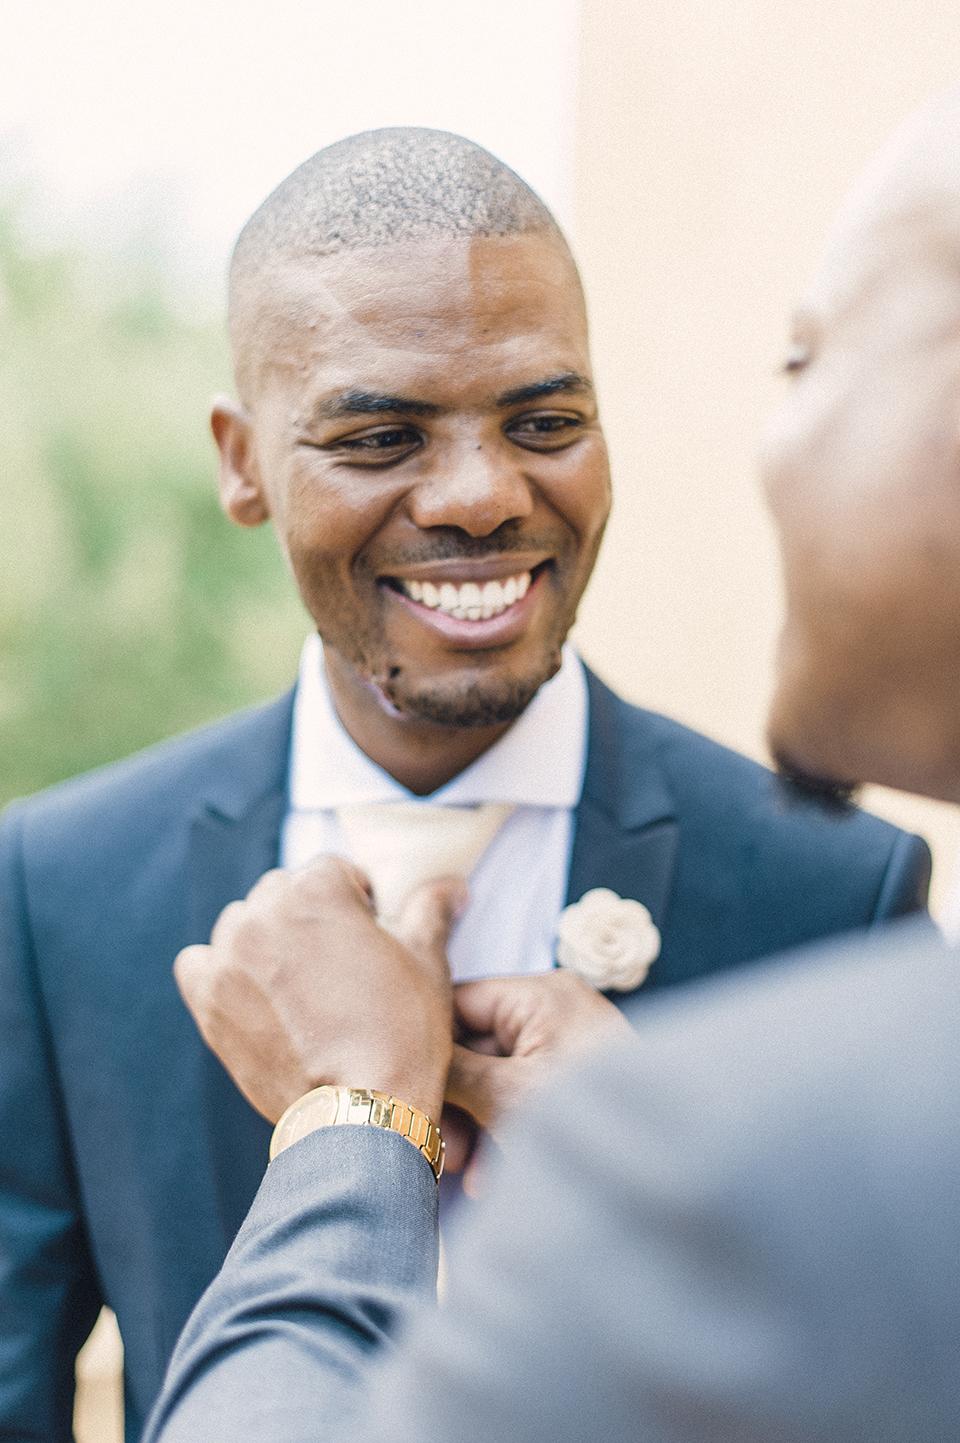 RyanParker_WeddingPhotographer_FineArt_CapeTown_Johannesburg_Hermanus_Avianto_T&L_DSC_8657.jpg